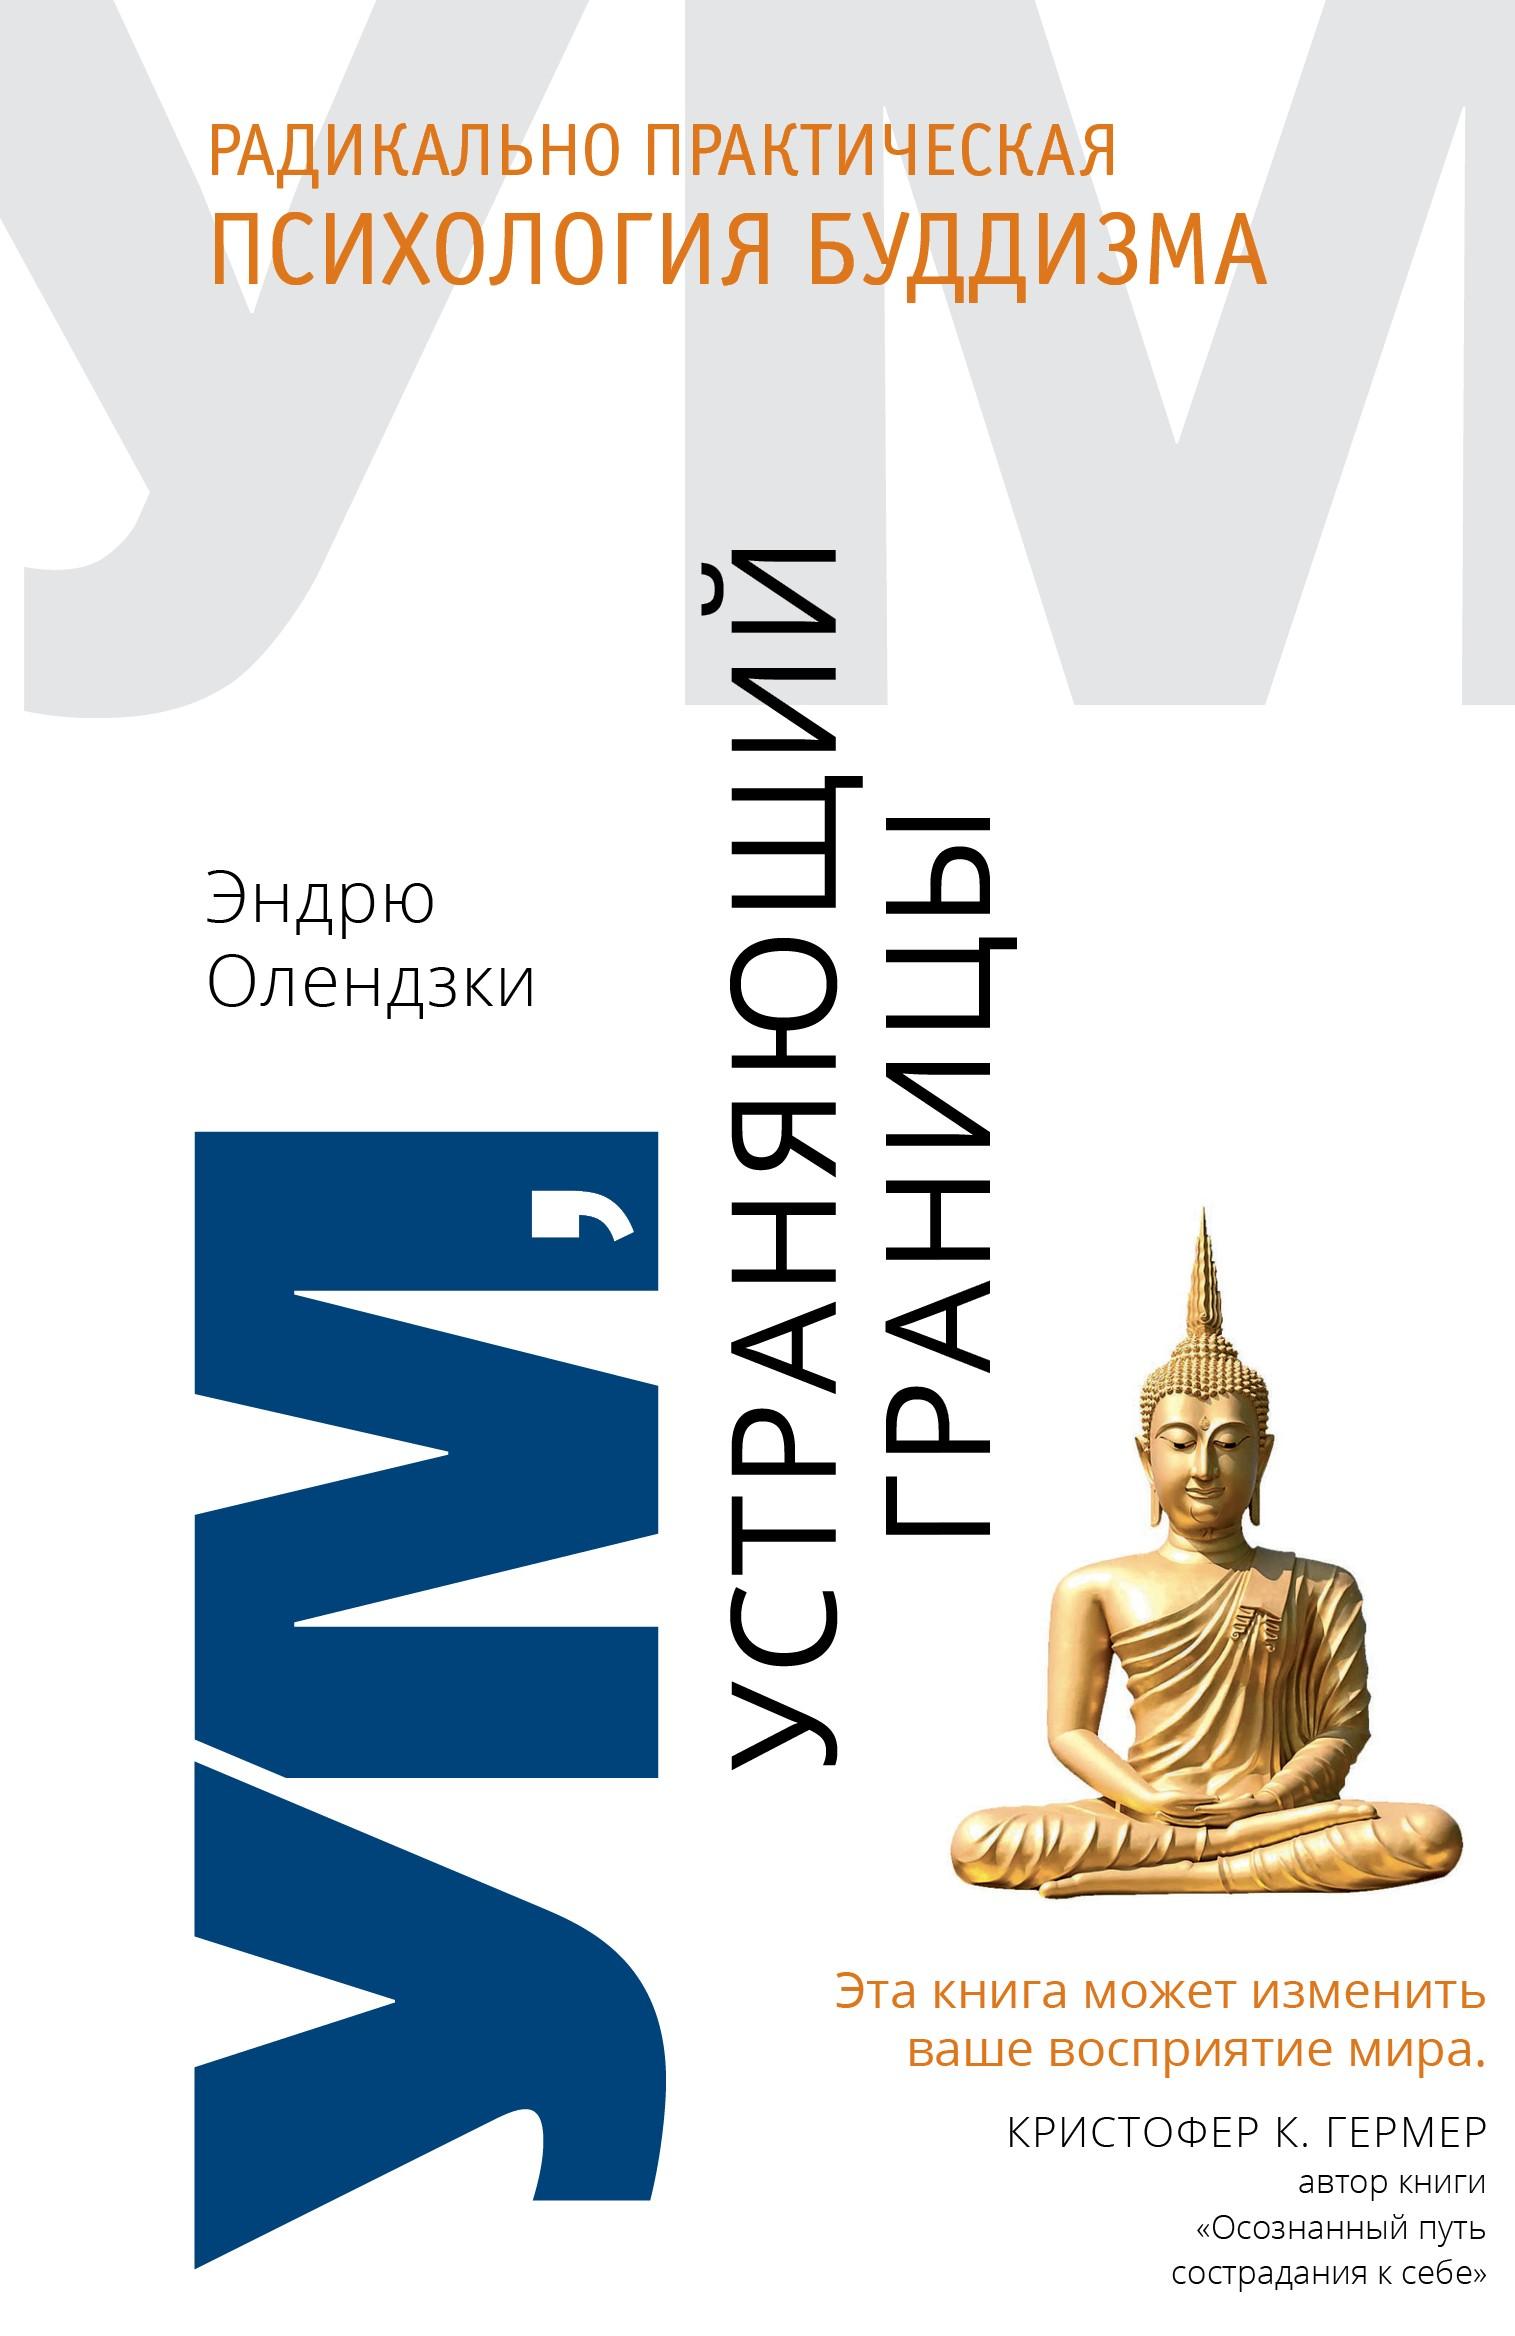 Эндрю Олендзки, Александра Никулина «Ум, устраняющий границы. Радикально практическая психология буддизма»